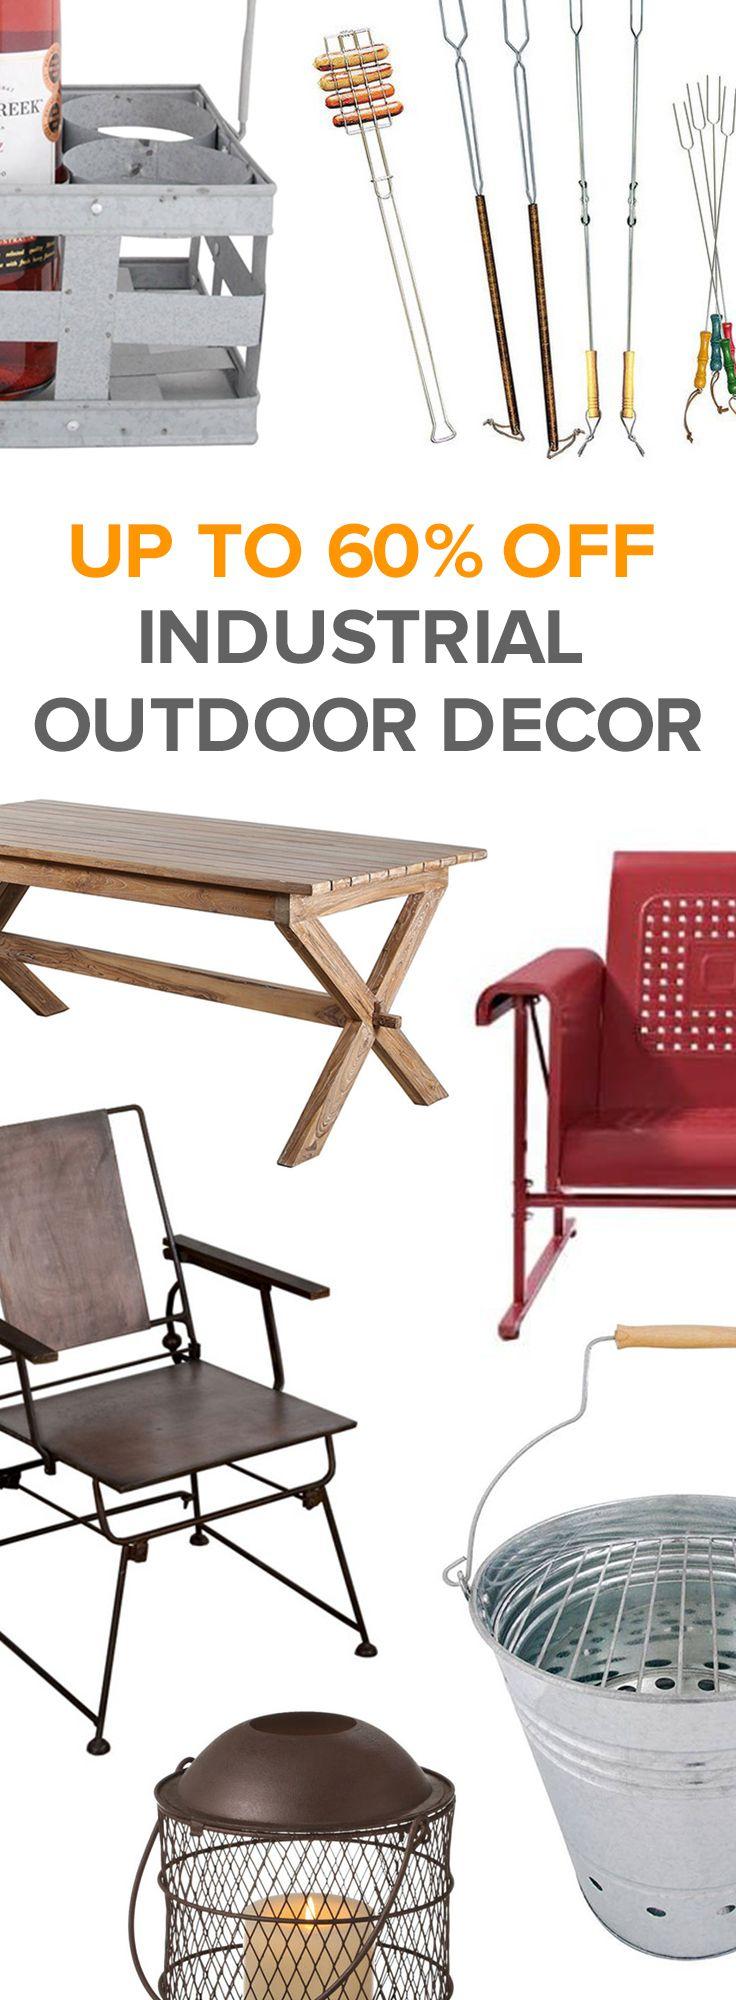 Industrial Outdoor Décor | Shop Now at dotandbo.com